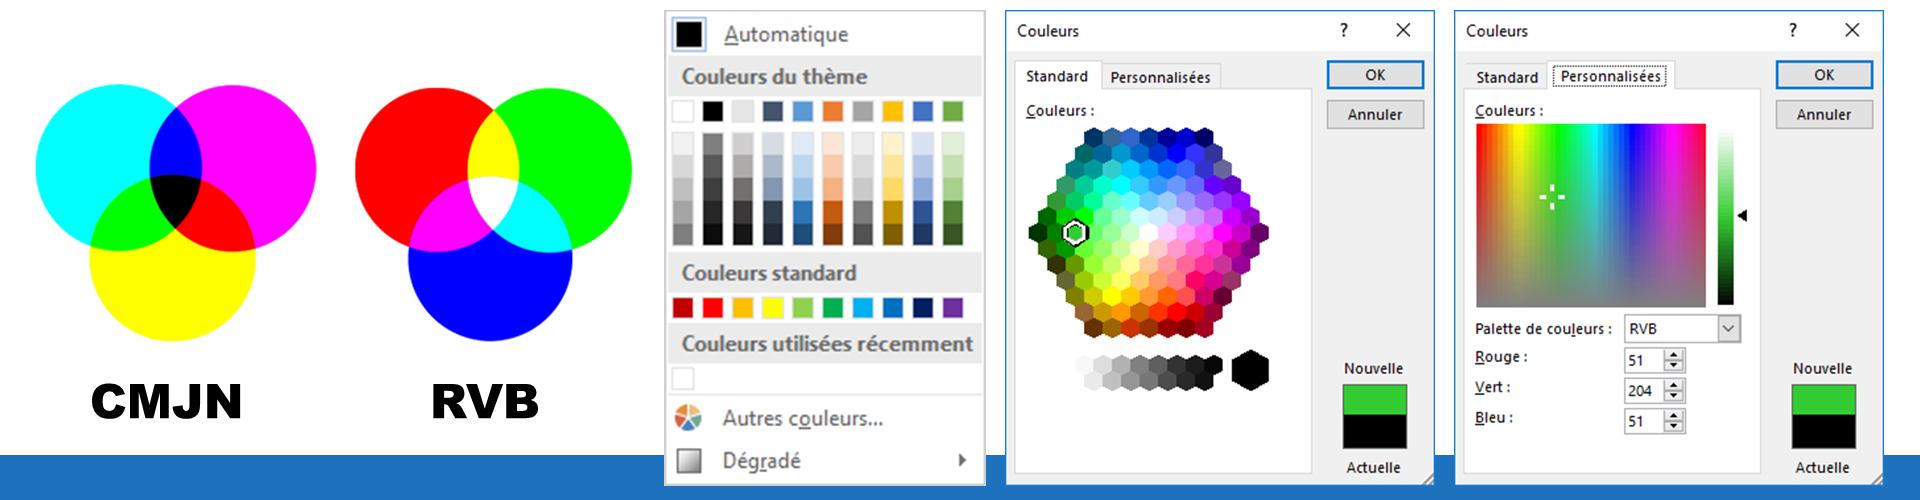 La couleur dans Office